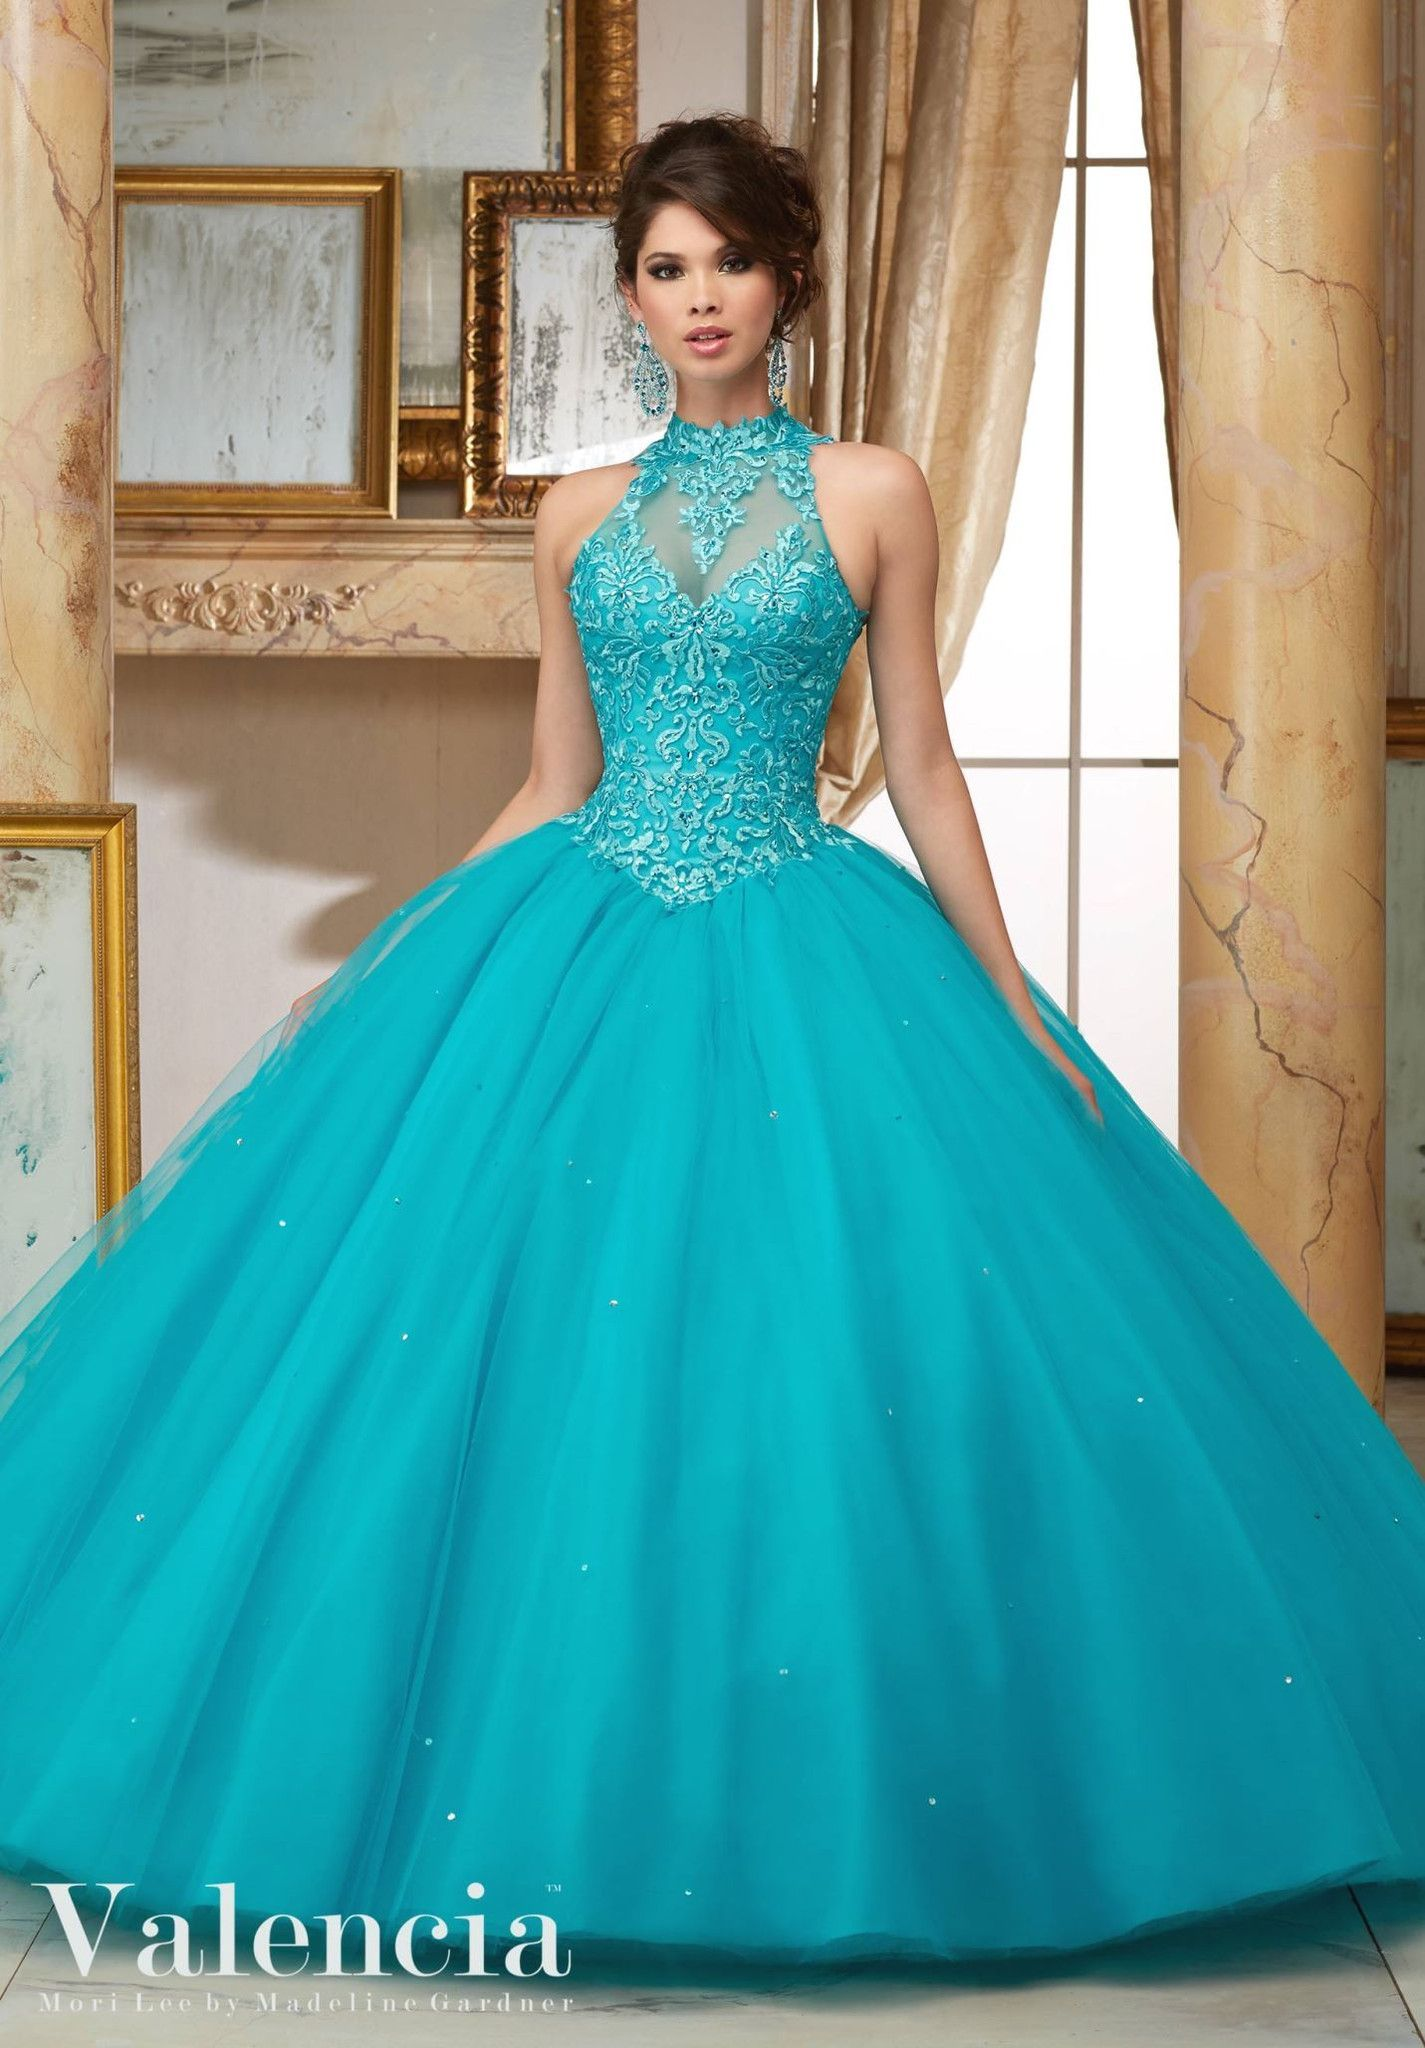 Mori Lee Valencia Quinceanera Dress 60004 | 15 años, Vestidos de ...